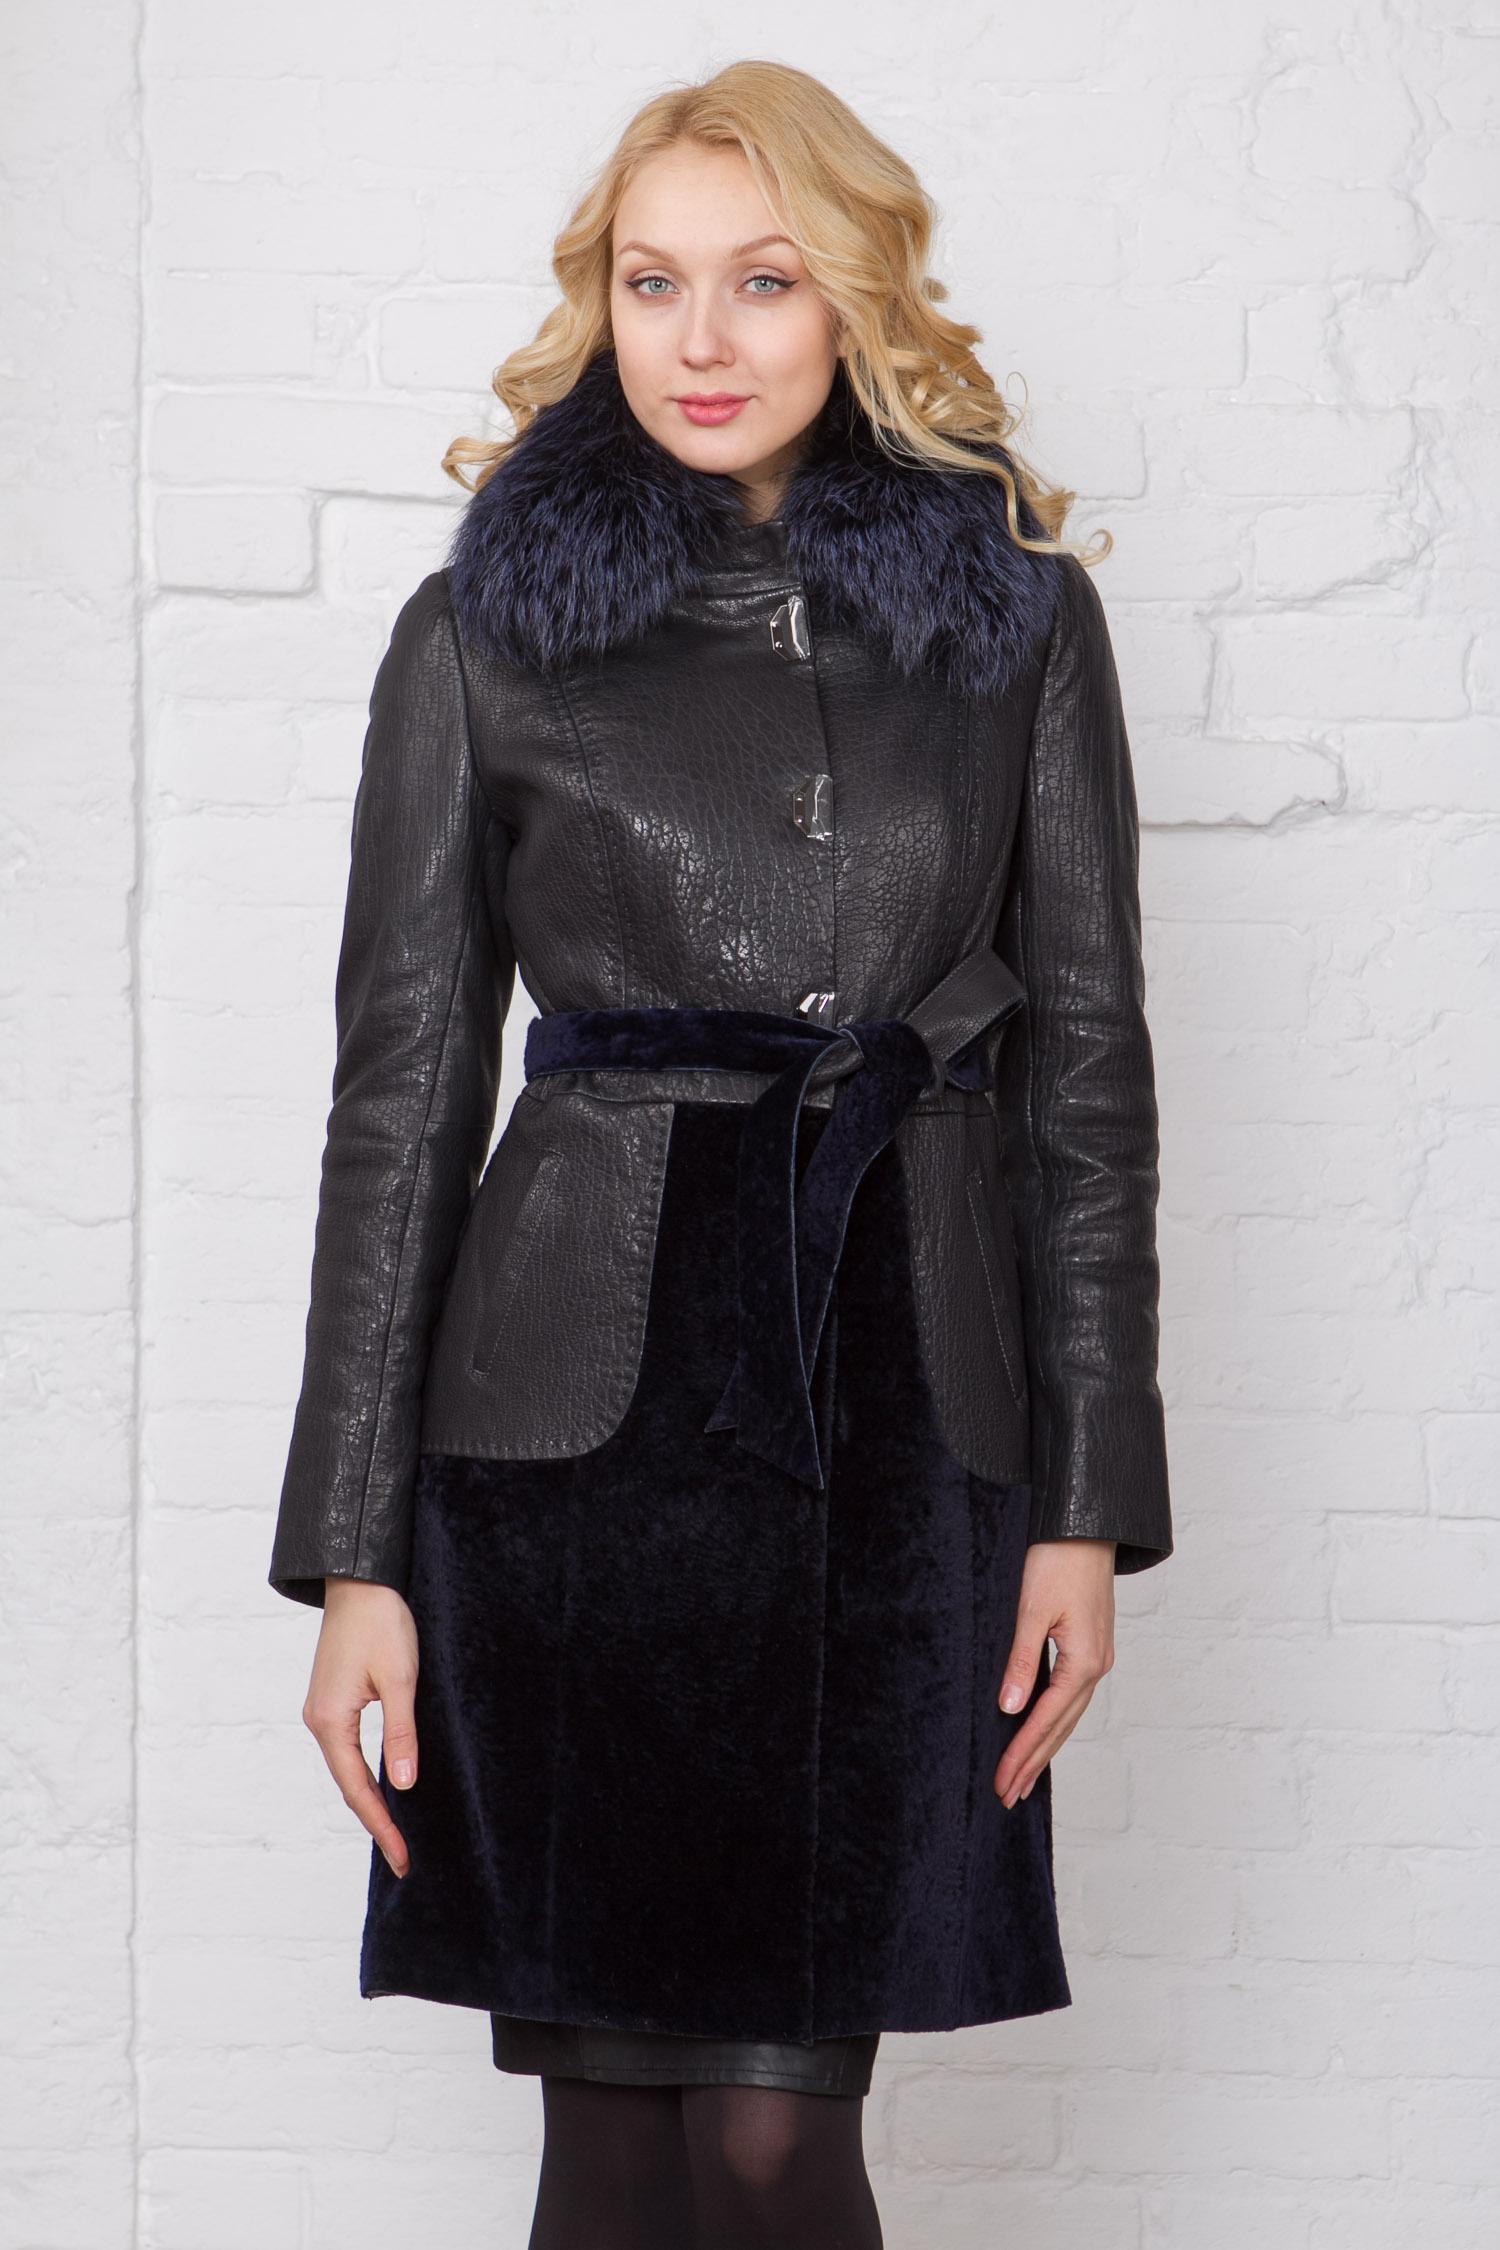 Женское кожаное пальто из натуральной кожи с воротником, отделка чернобурка Женское кожаное пальто из натуральной кожи с воротником, отделка чернобурка